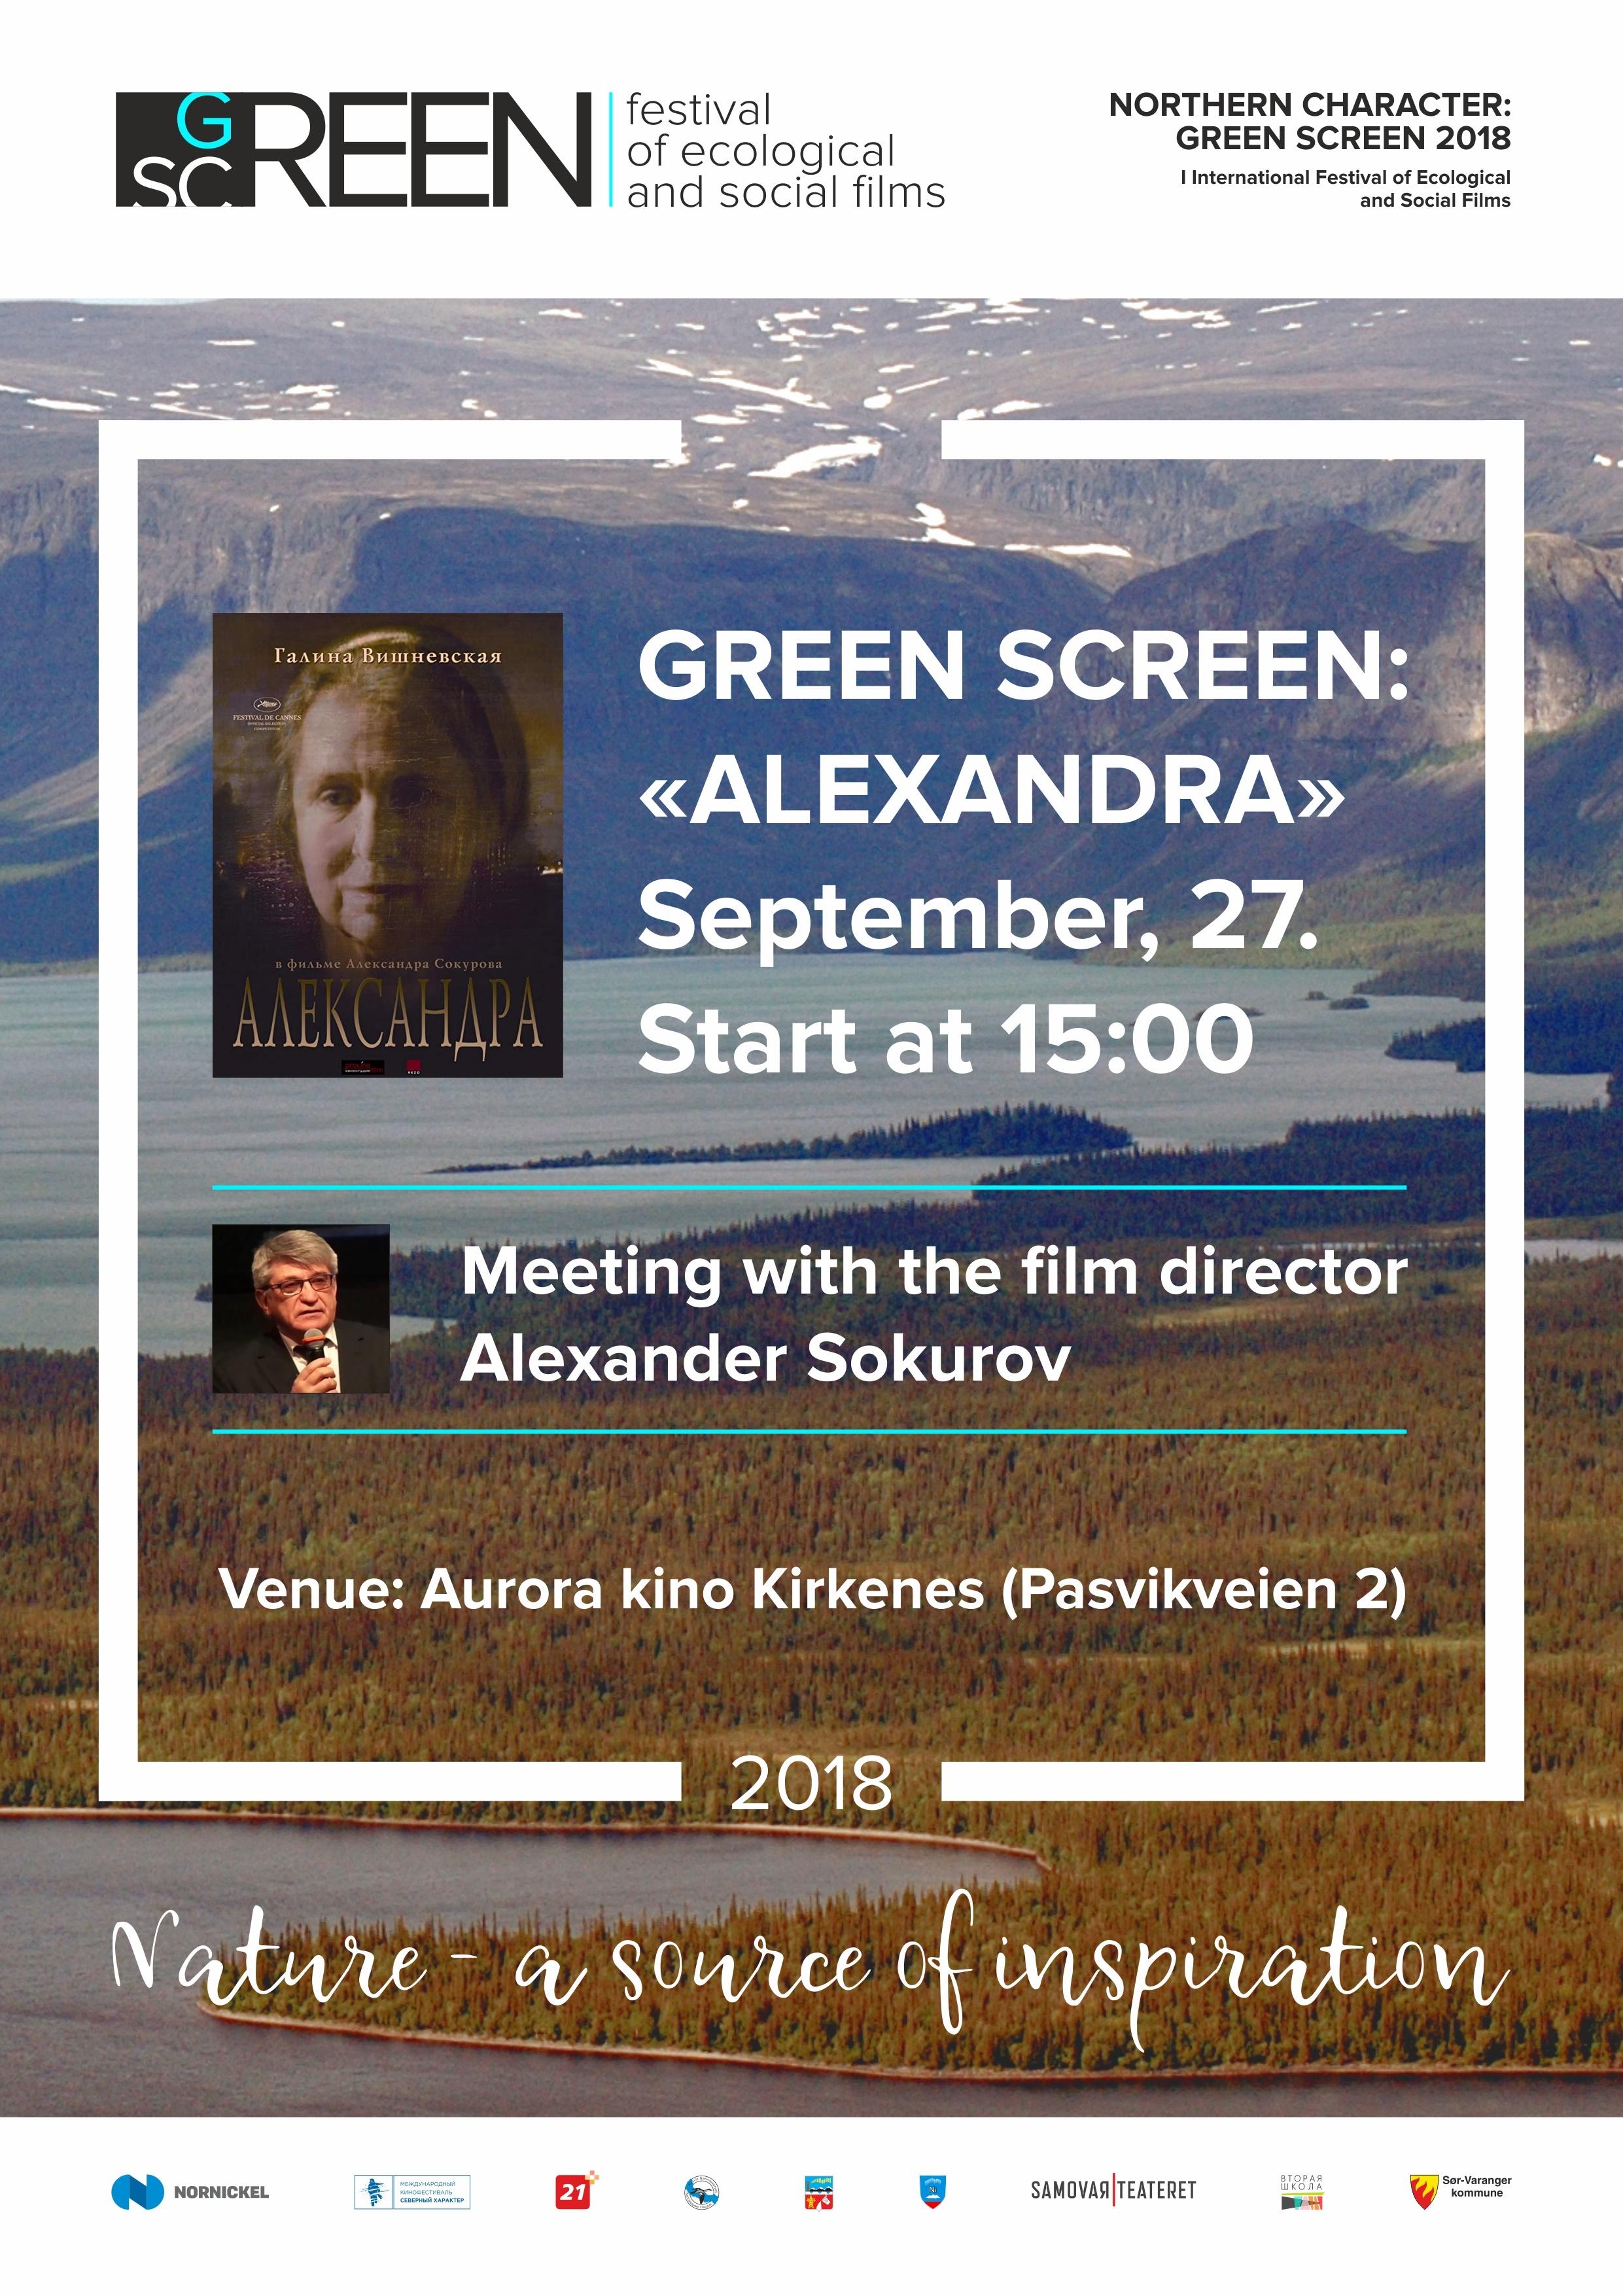 Filmen ALEXANDRA vises på Aurora kino Kirkenes torsdag 27. september med regissør Alexander Sokurov tilstede.